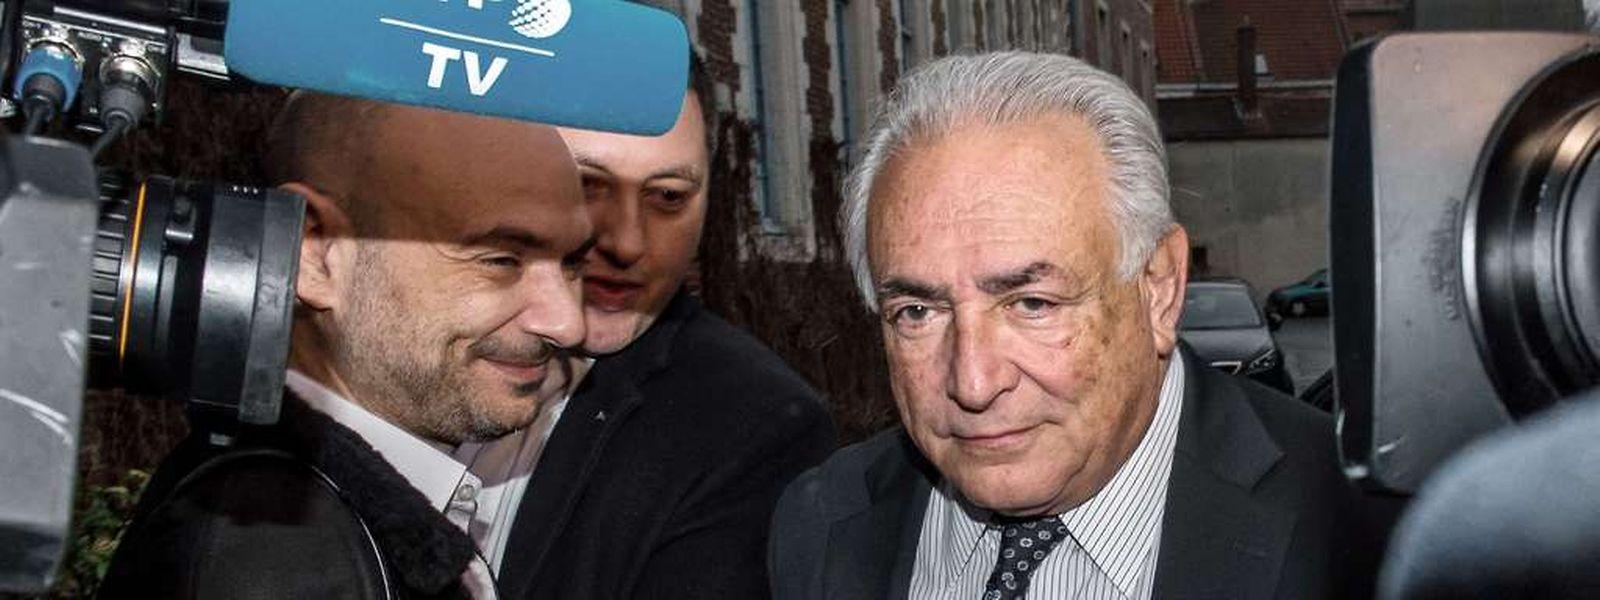 Dominique Strauss-Kahn erschien am Dienstag im Gericht.